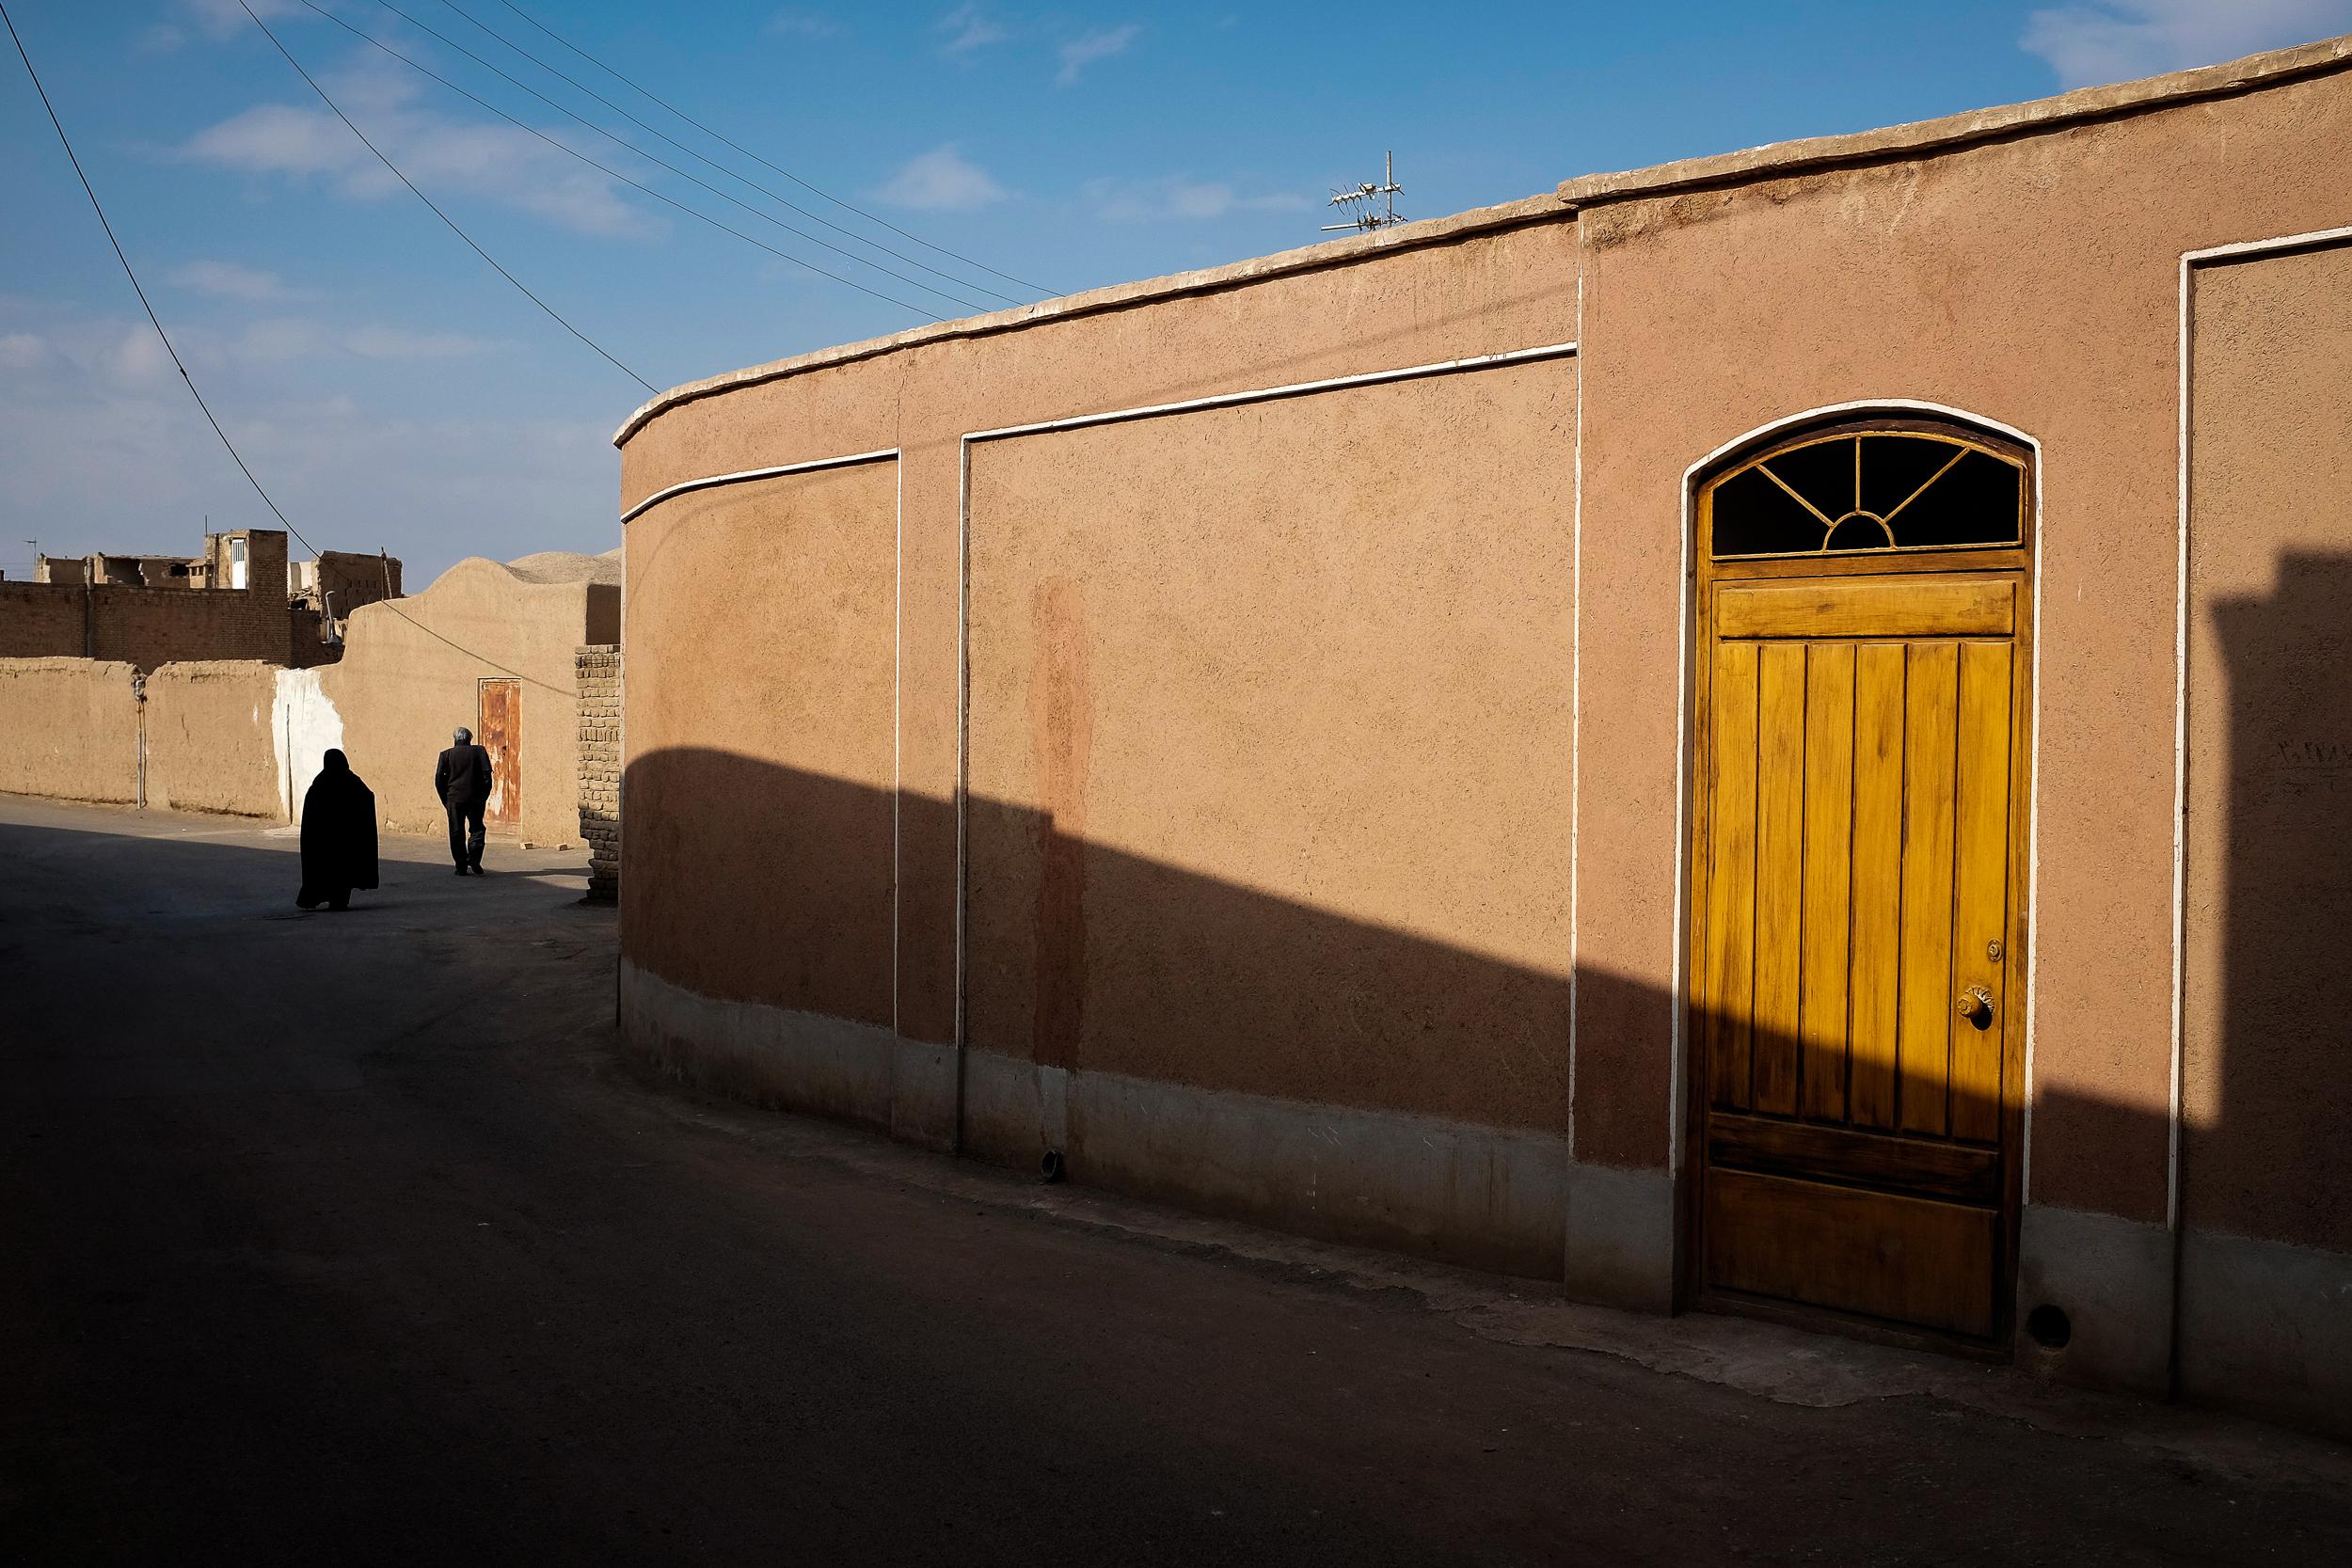 A wife walks behind her husband in Kashan.